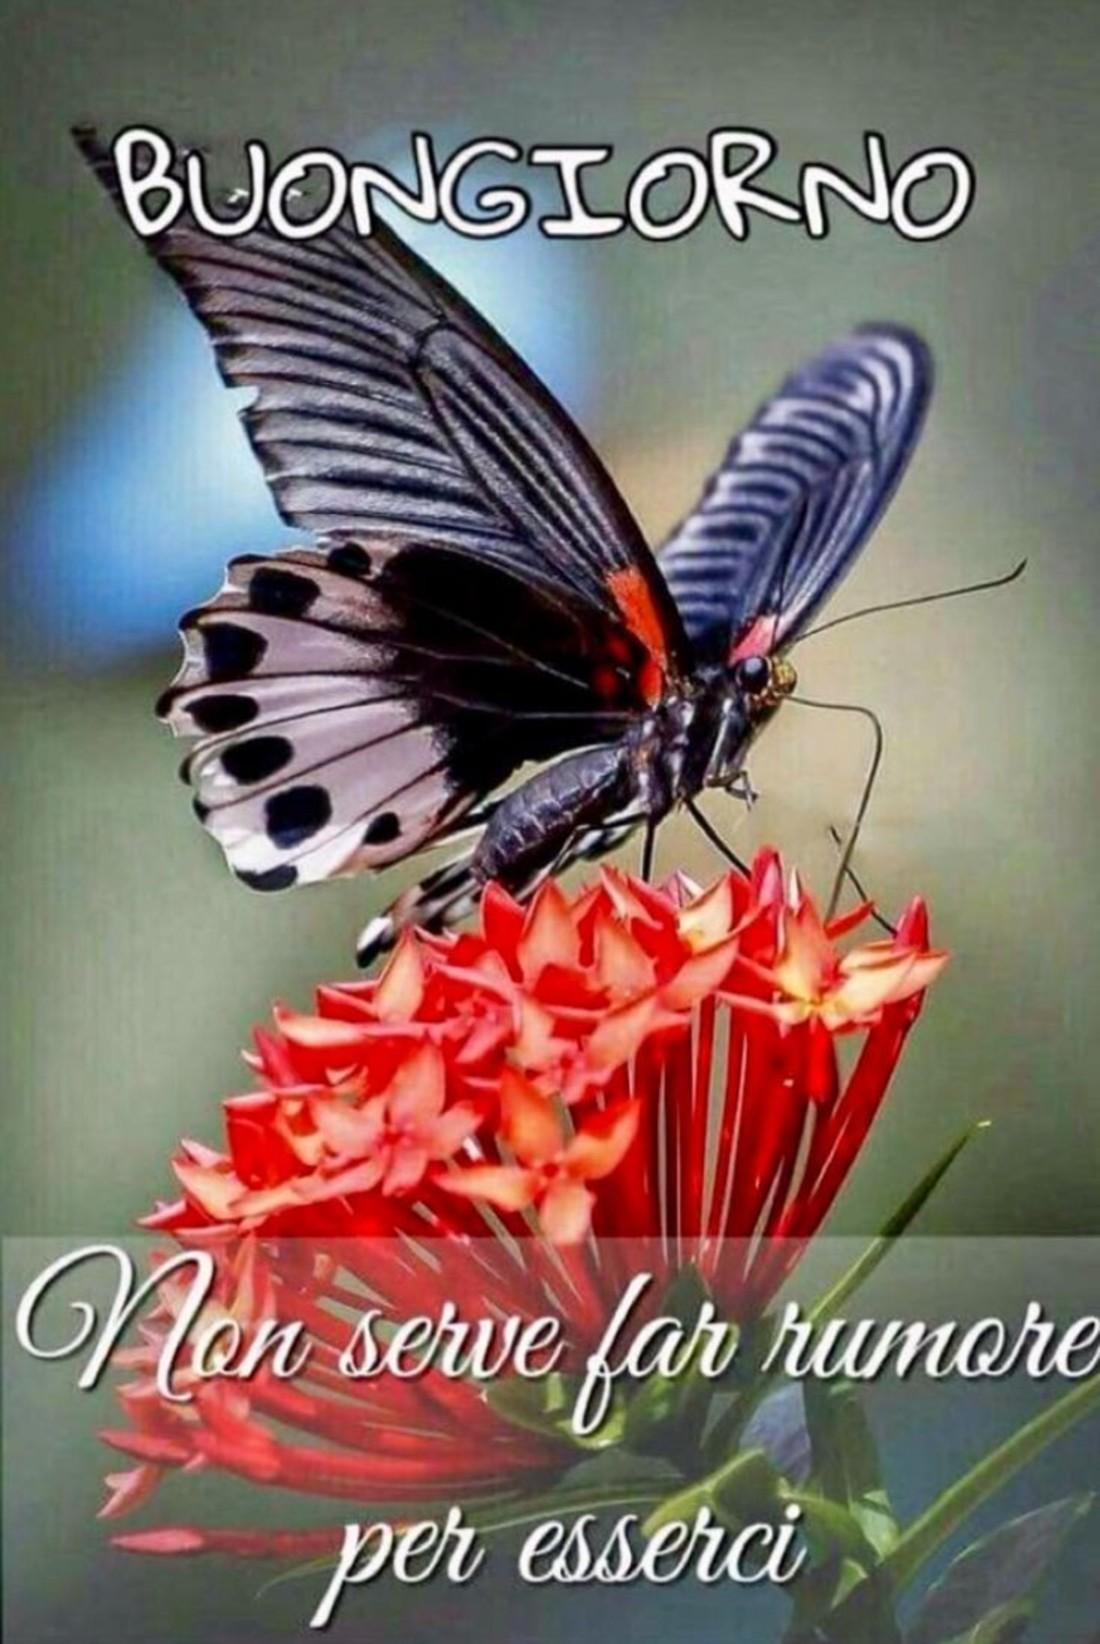 Buongiorno Con Bellissima Farfalla Su Fiore